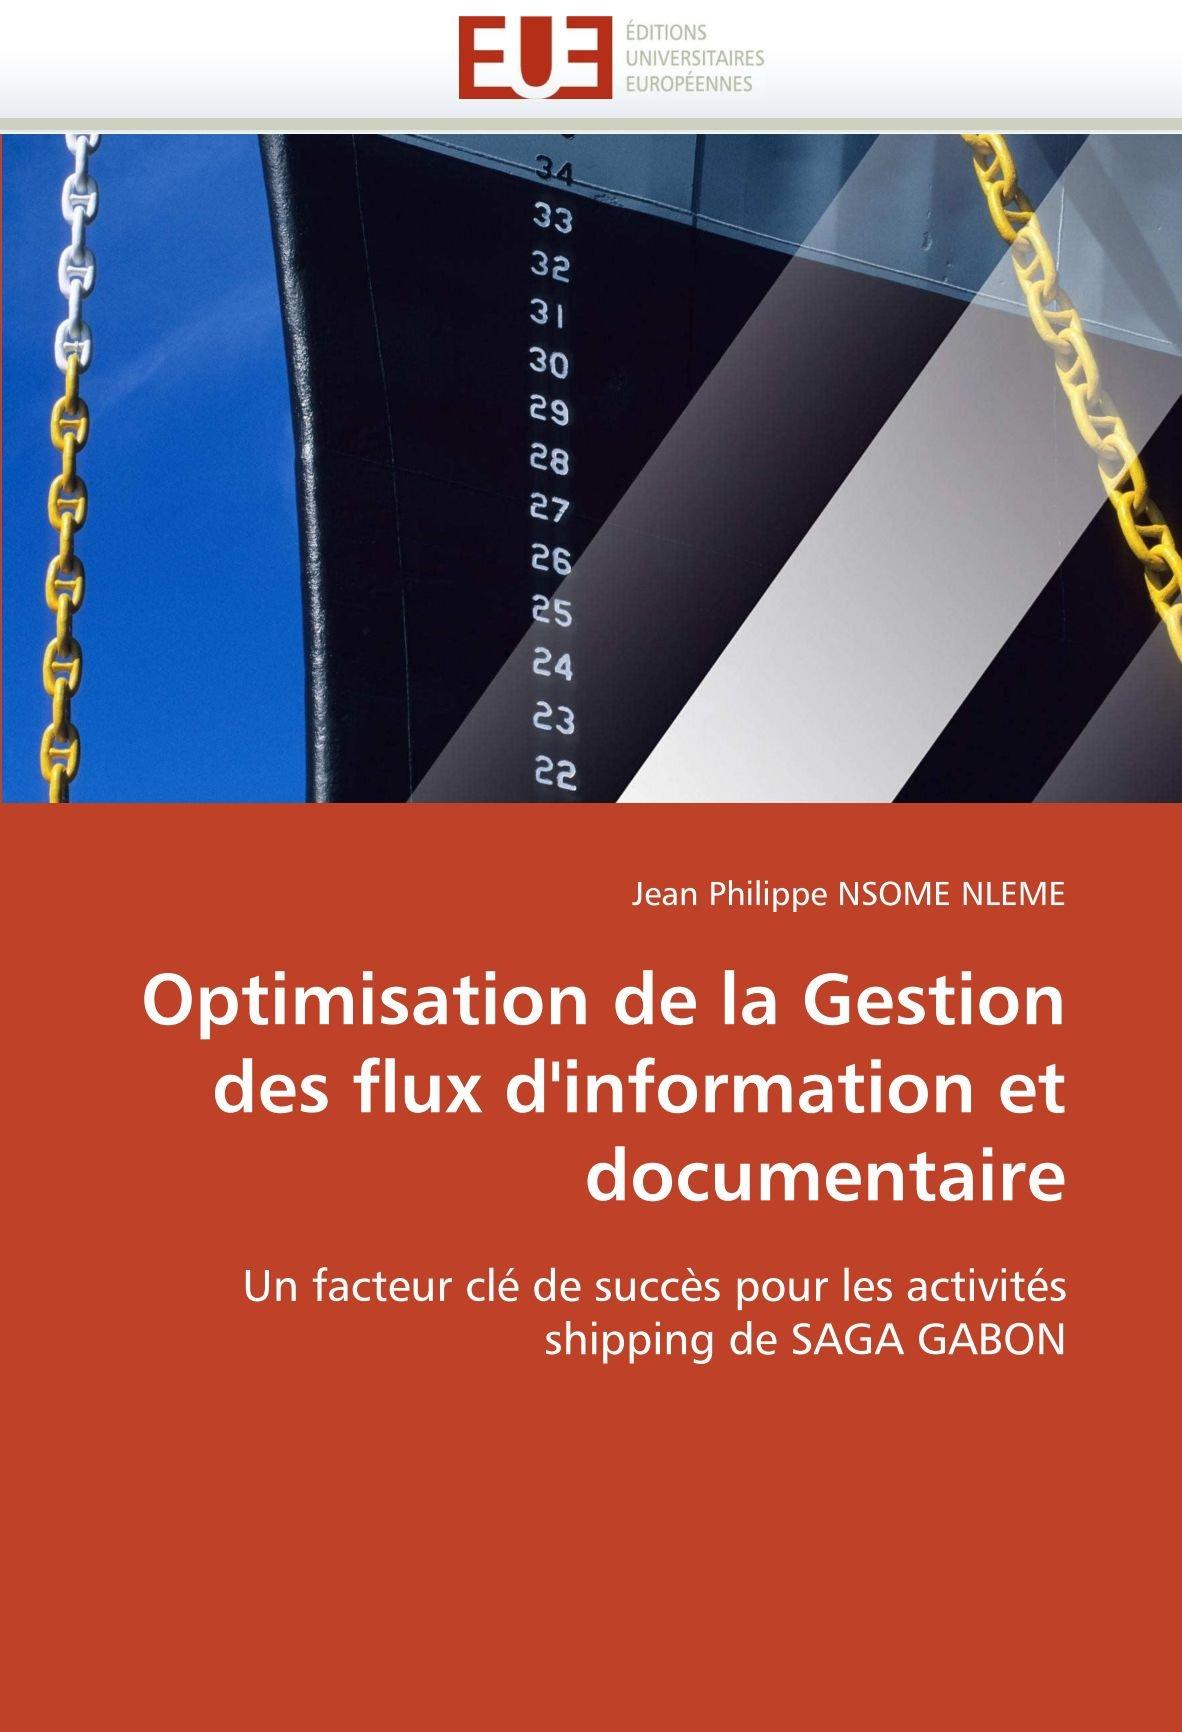 Optimisation de la Gestion des flux d'information et documentaire: Un facteur clé de succès pour les activités shipping de SAGA GABON PDF